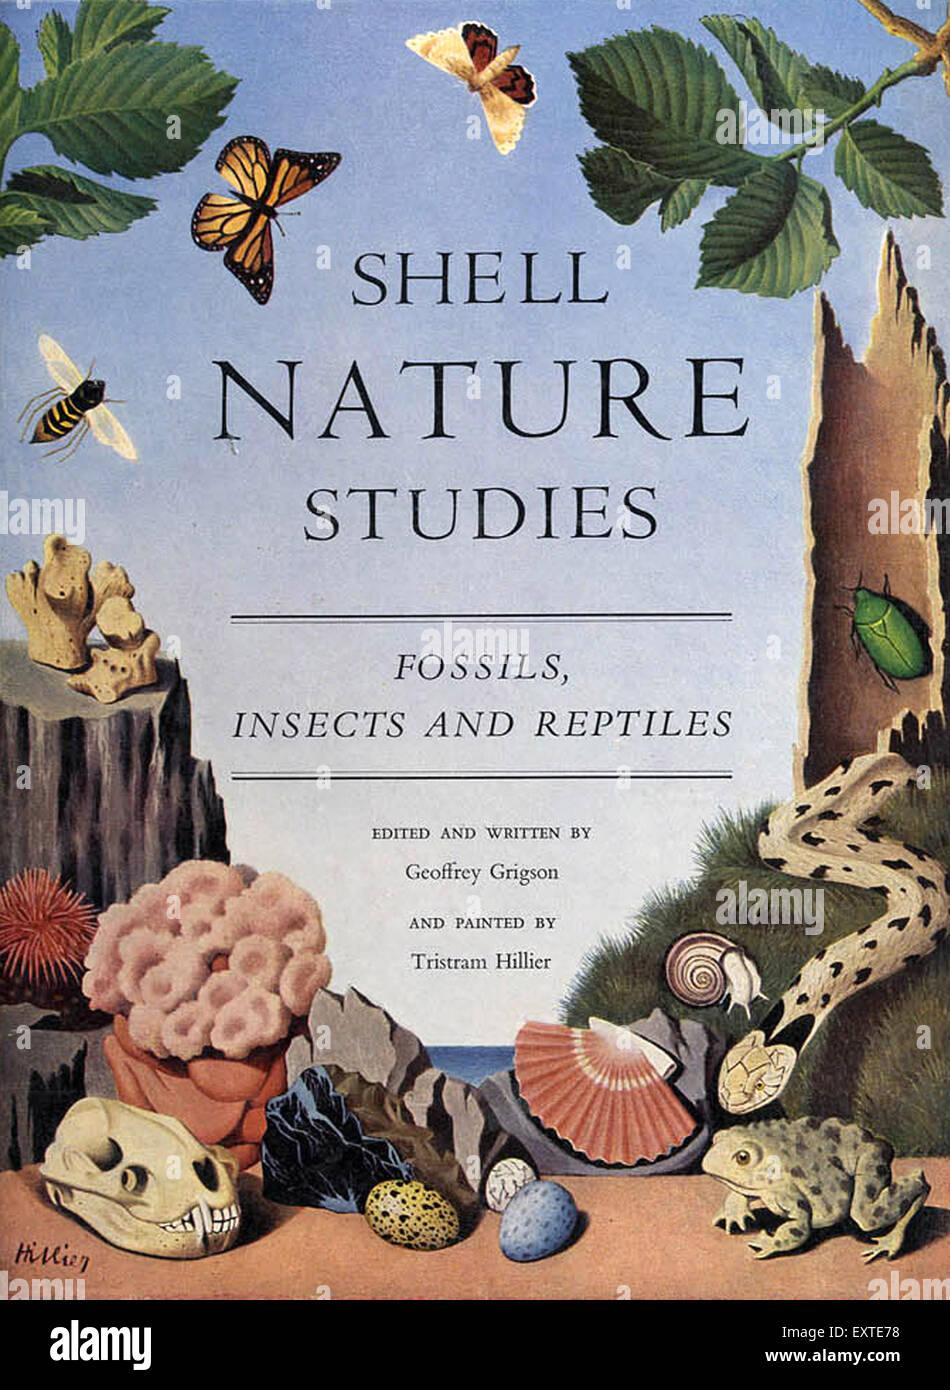 1950 UK Nature Shell Studies fossiles, insectes et reptiles Couverture de livre Photo Stock